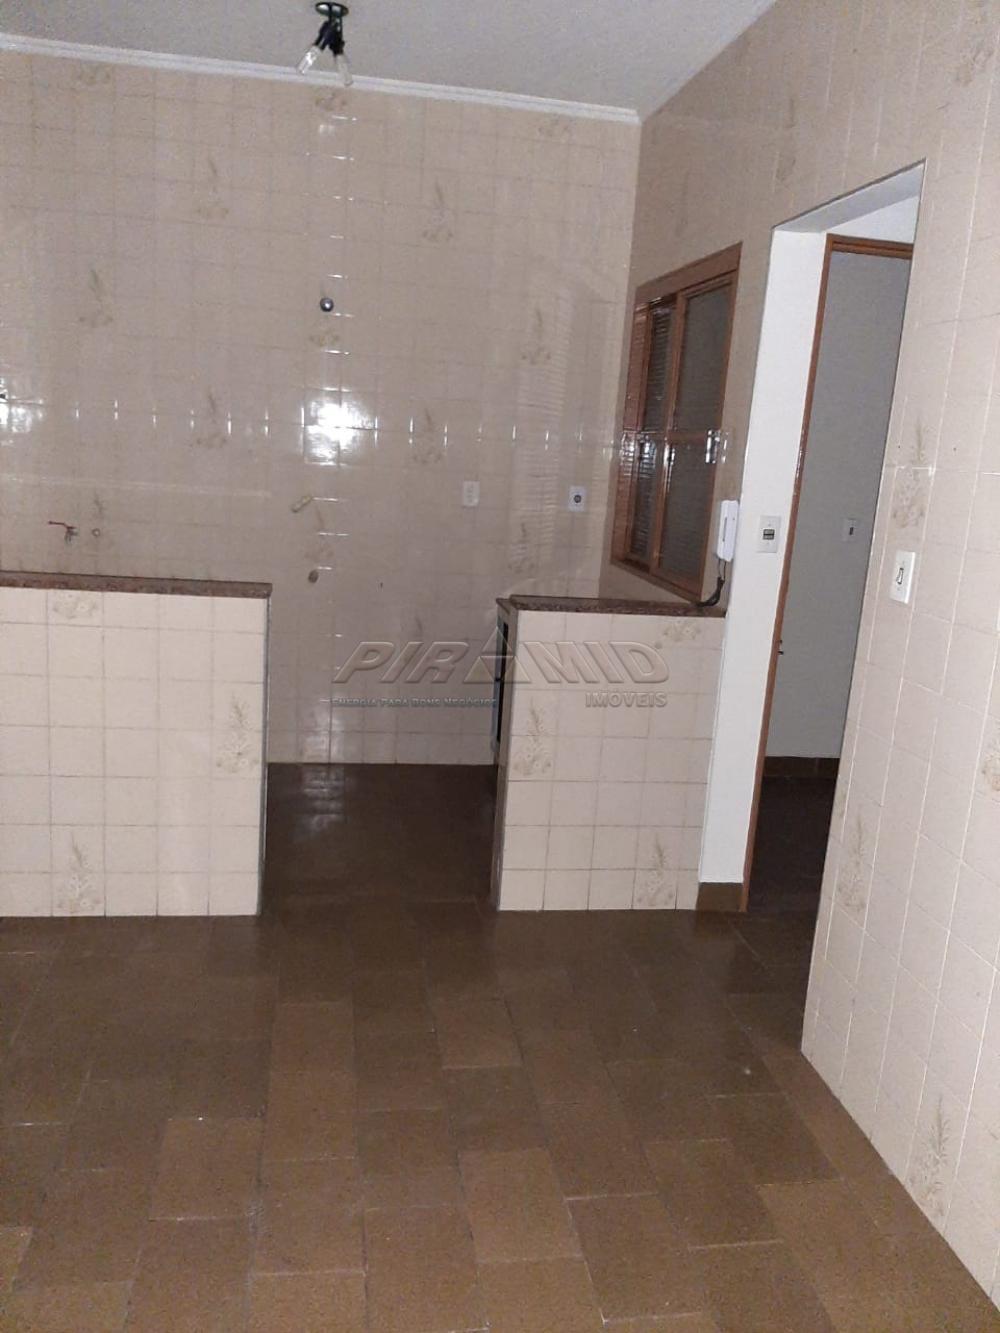 Comprar Casa / Padrão em Ribeirão Preto apenas R$ 200.000,00 - Foto 21